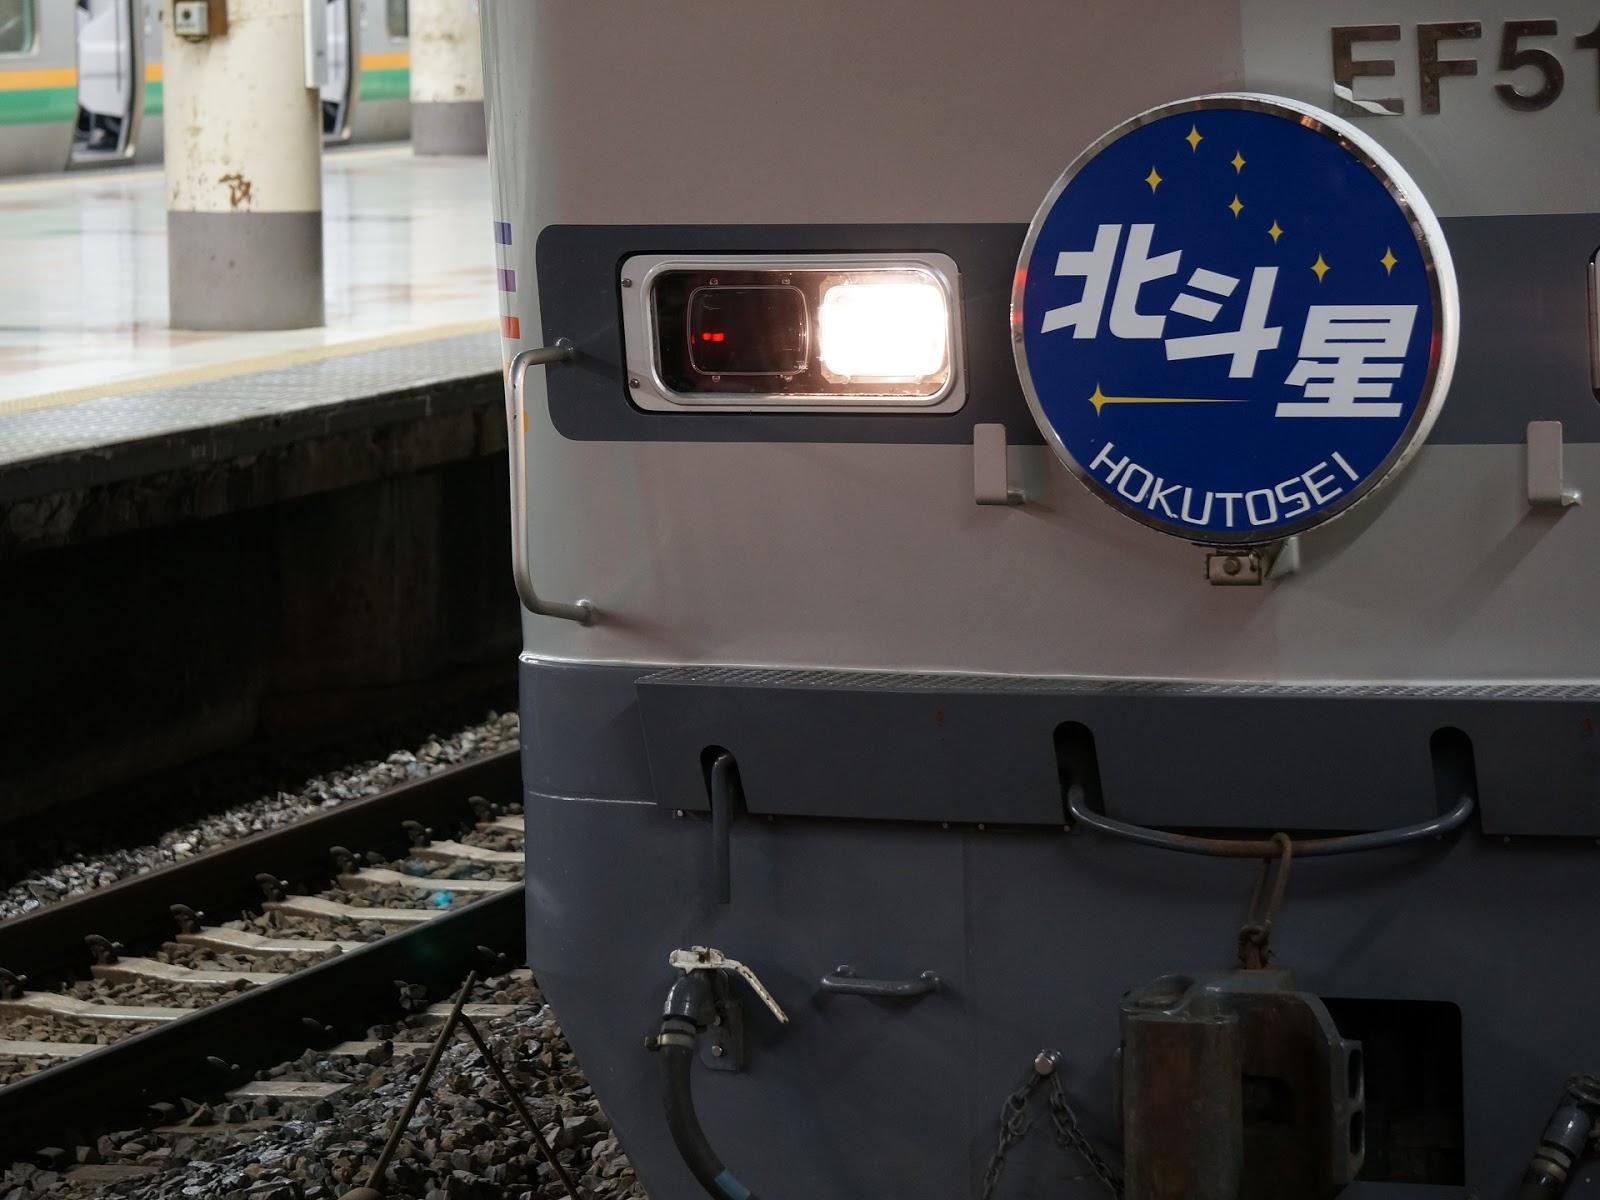 上野駅停車中のEF510形